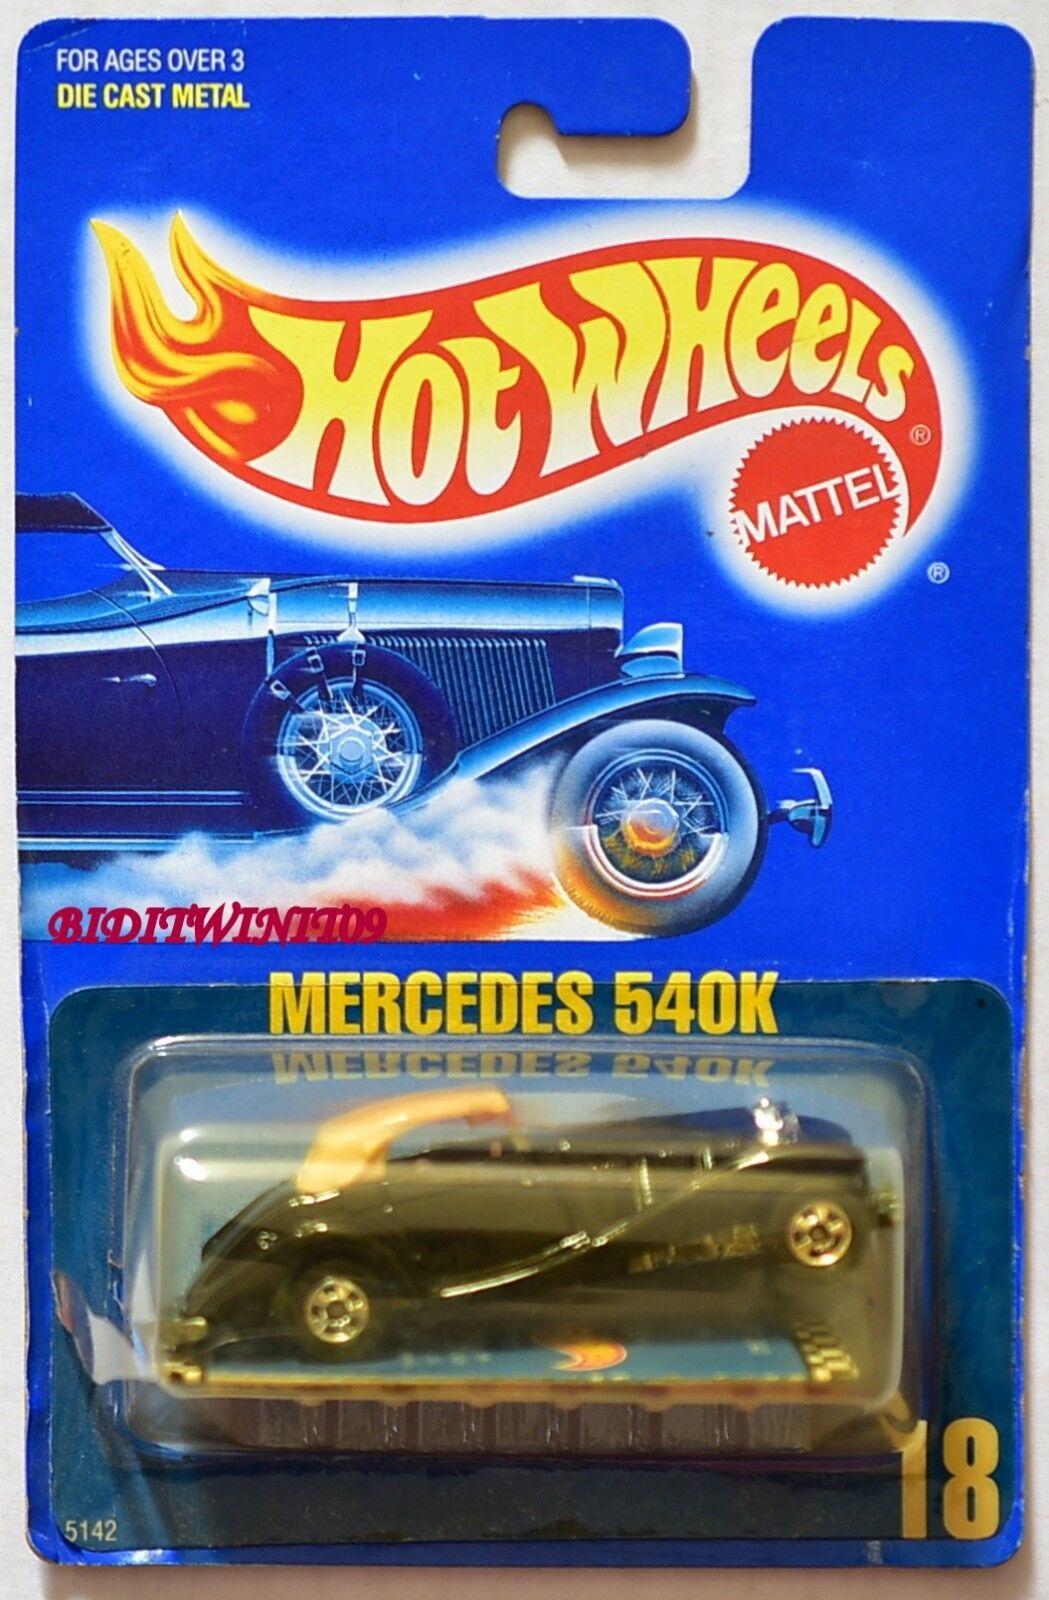 HOT WHEELS 1989 blueE CARD MERCEDES 540K W+